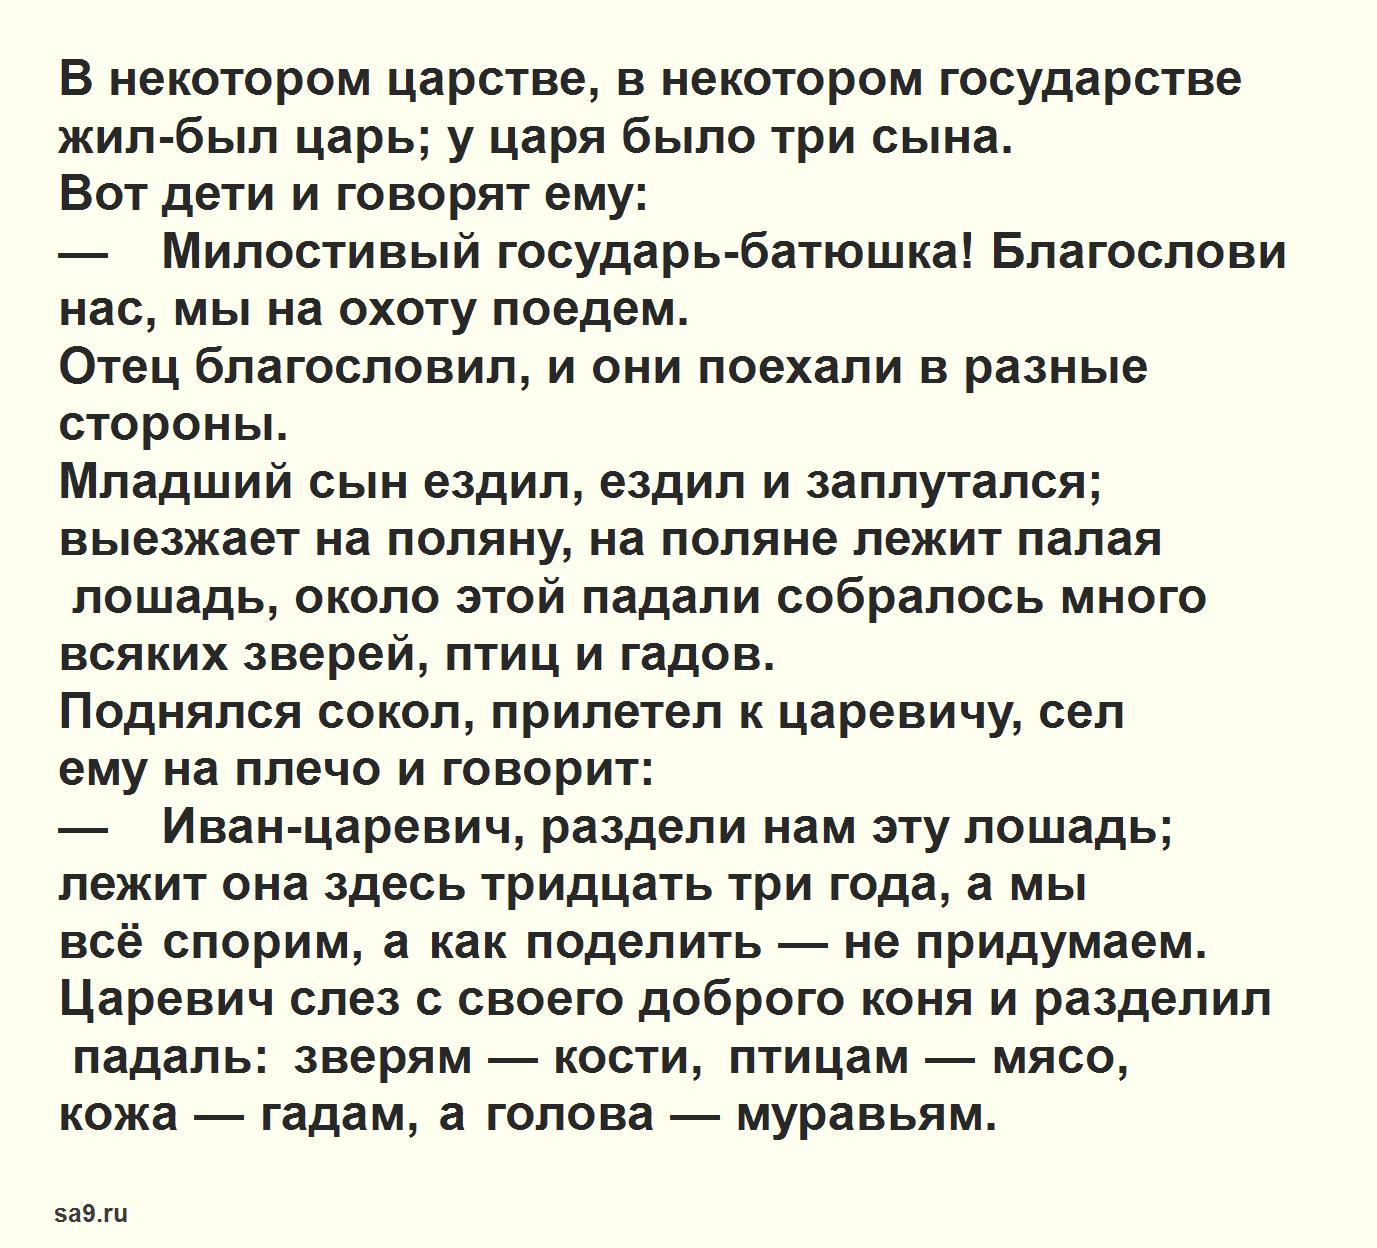 Хрустальная гора - русская народная сказка